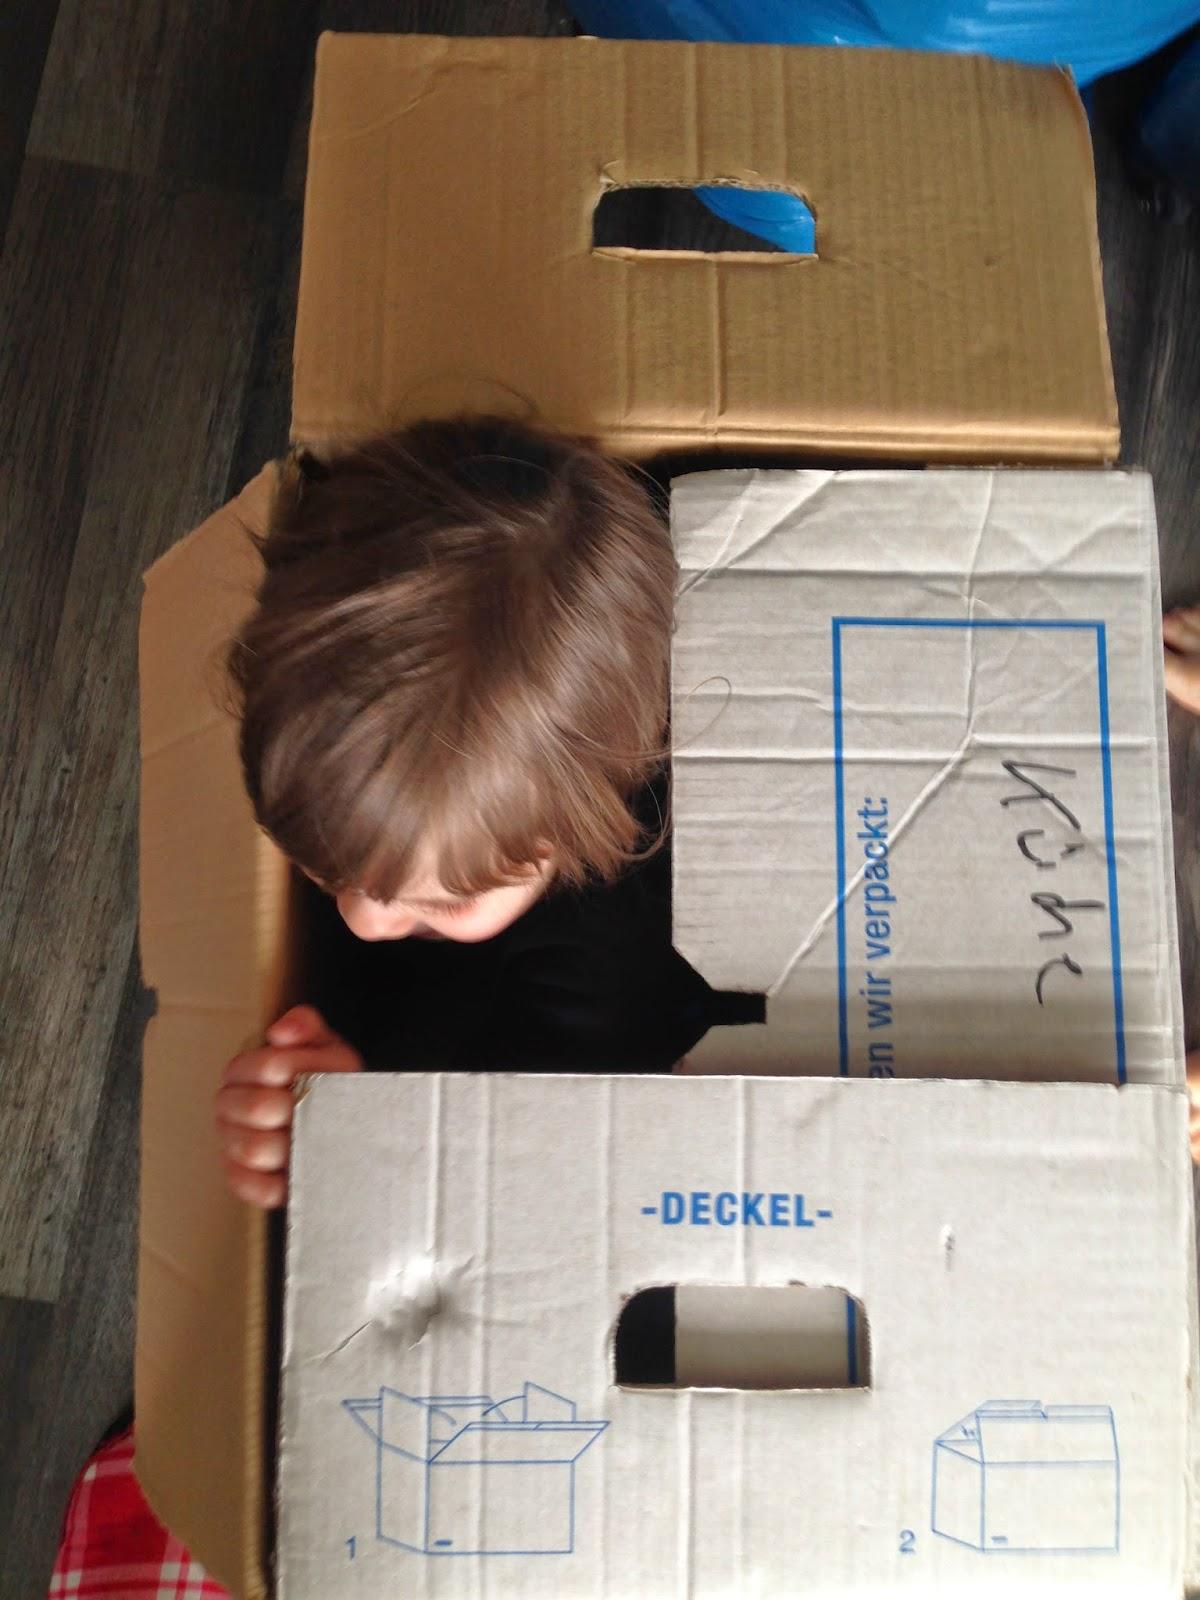 Es wurde sich im Karton versteckt.